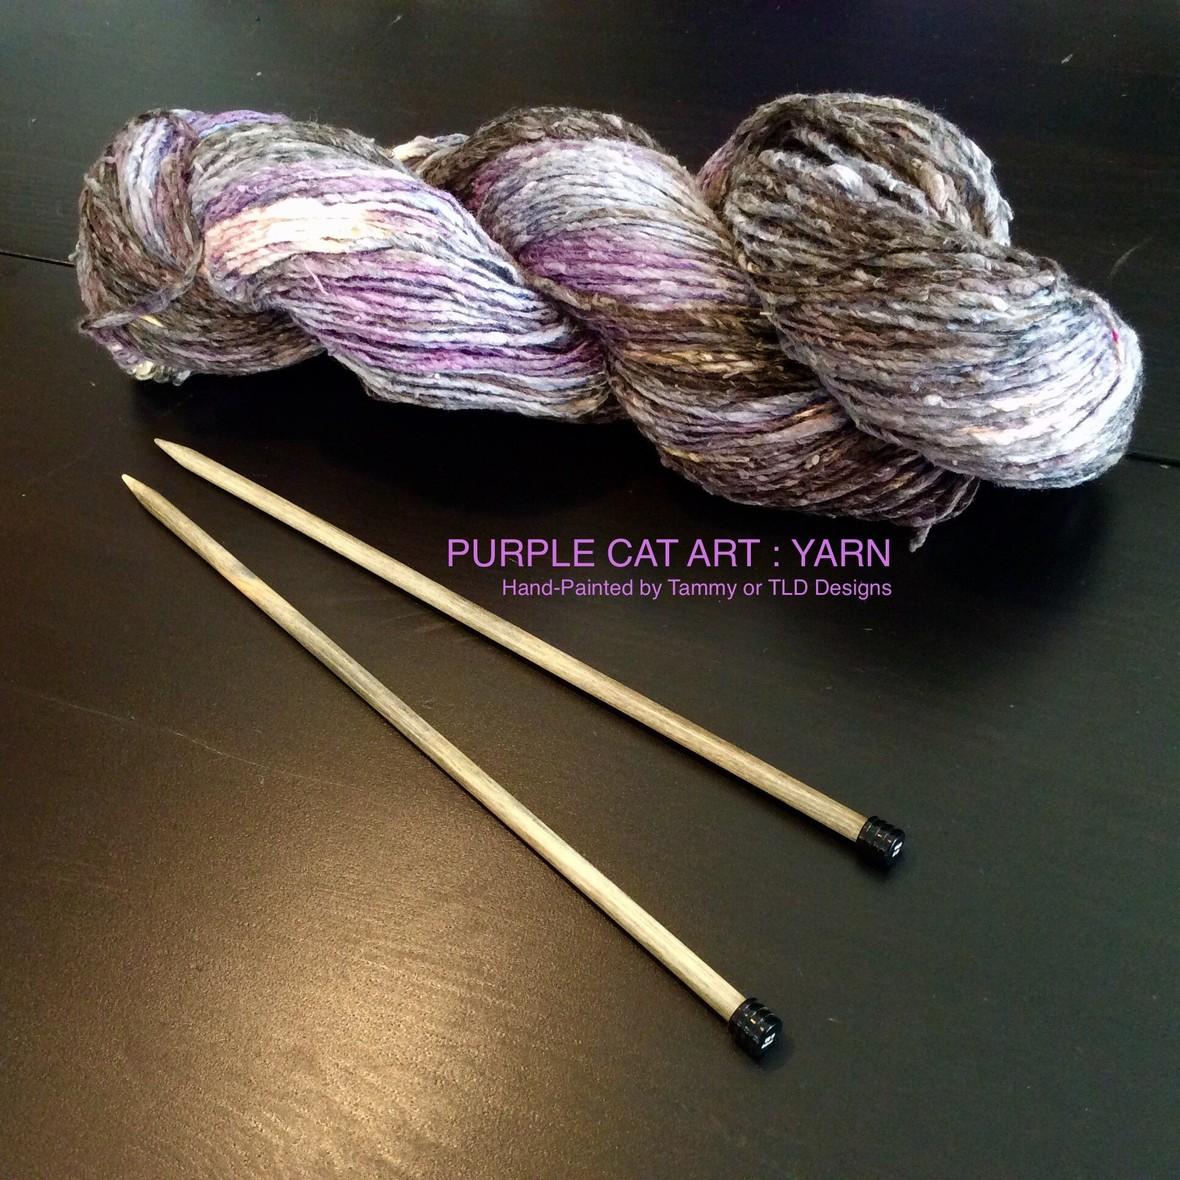 purpleCatArt.yarn